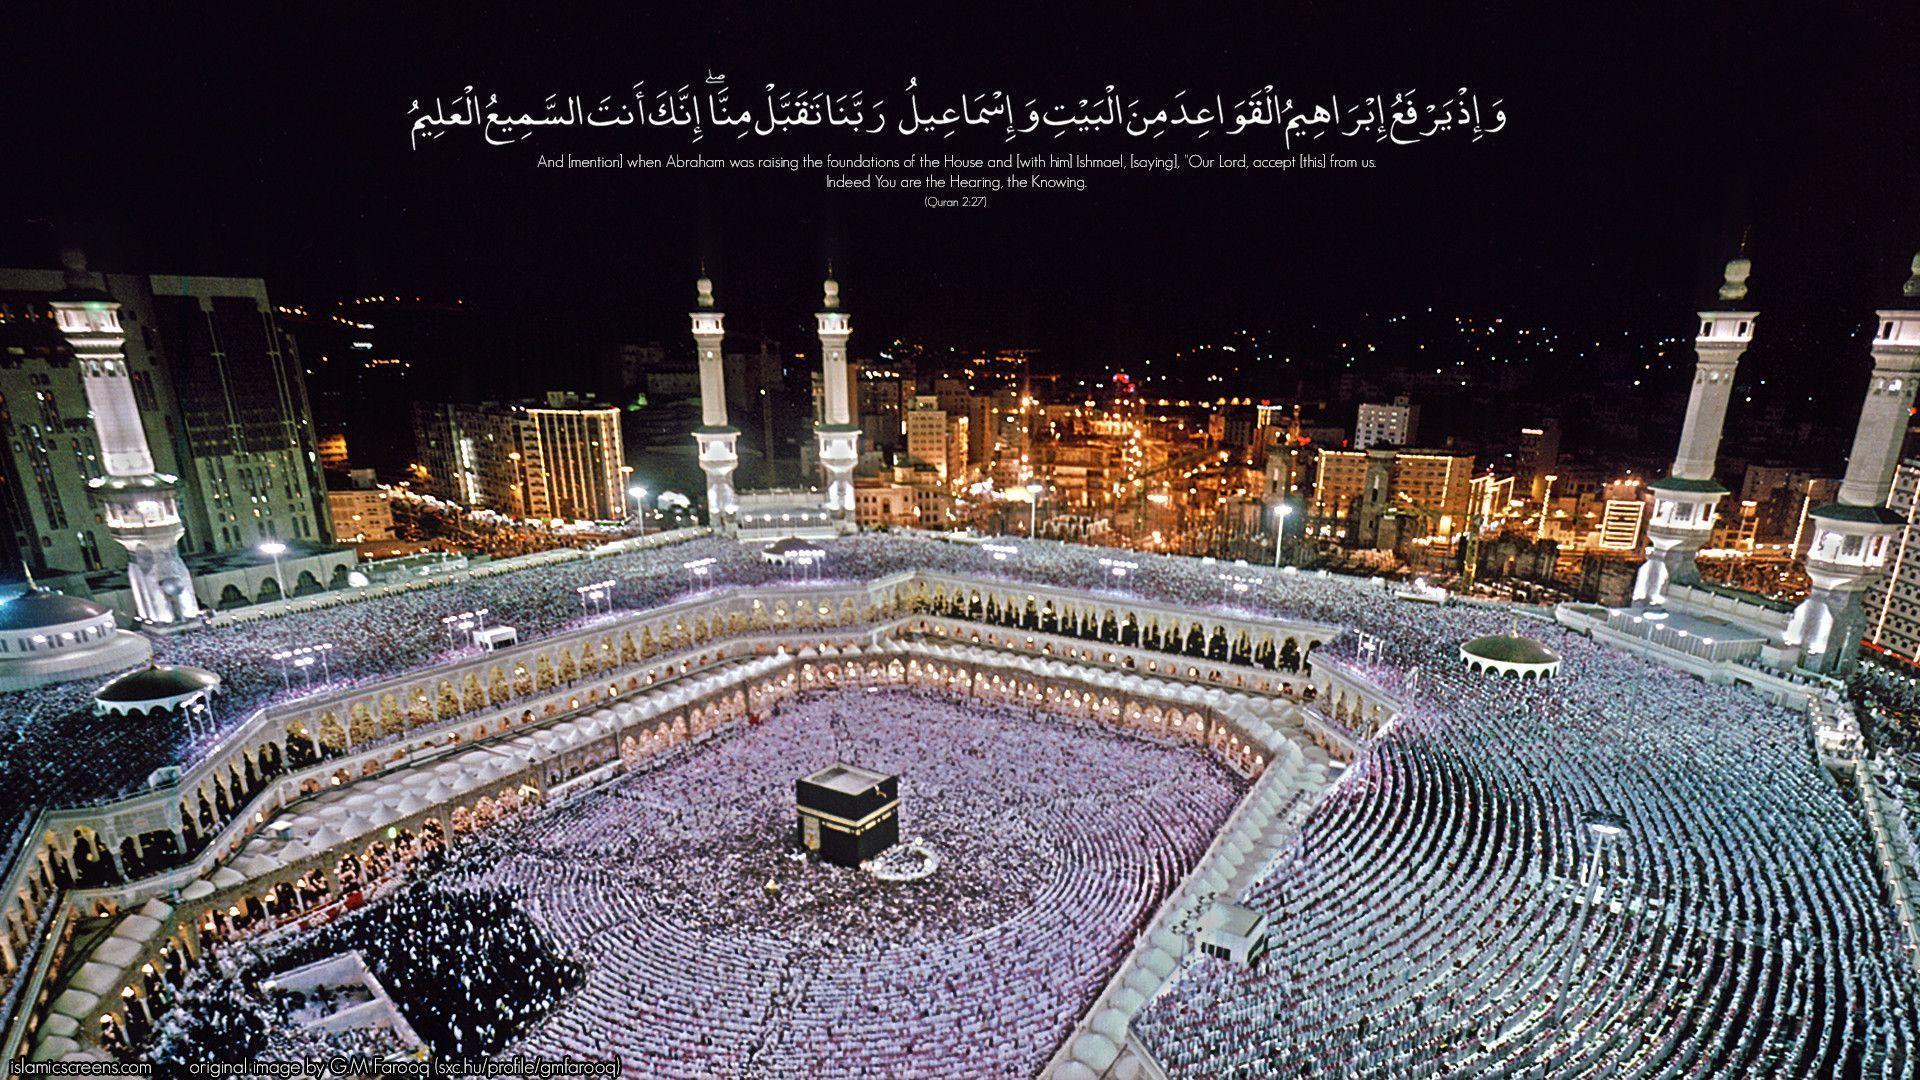 1920x1080 Hình nền Hồi giáo.  Hình nền Hồi giáo, Kinh Qur'an